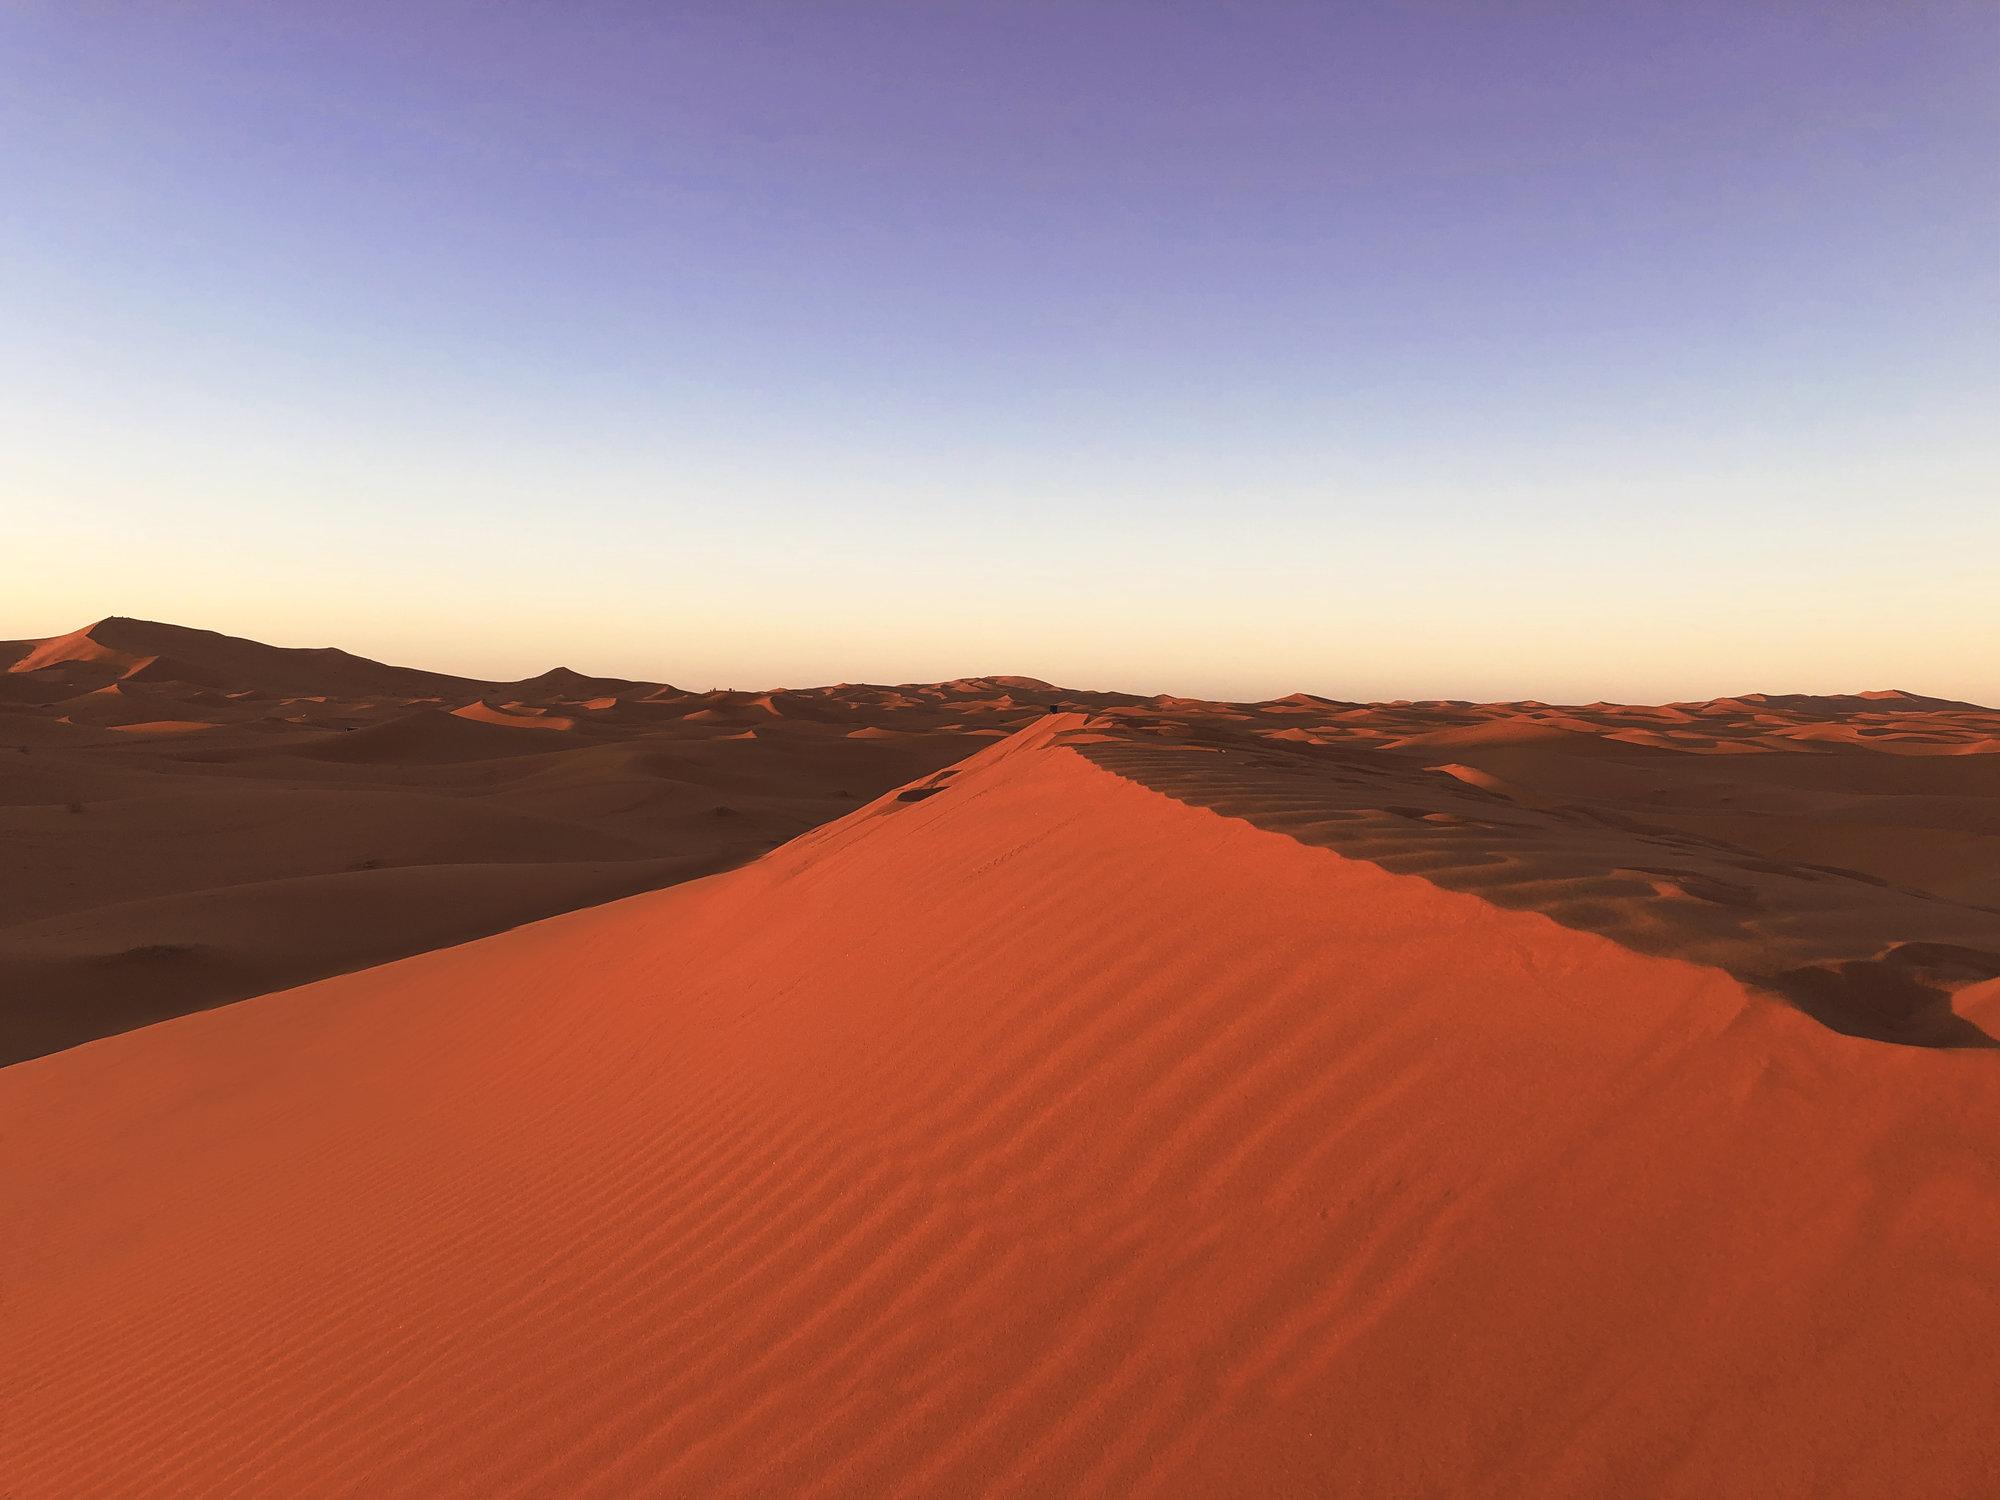 duny zalité zapadajícím sluncem